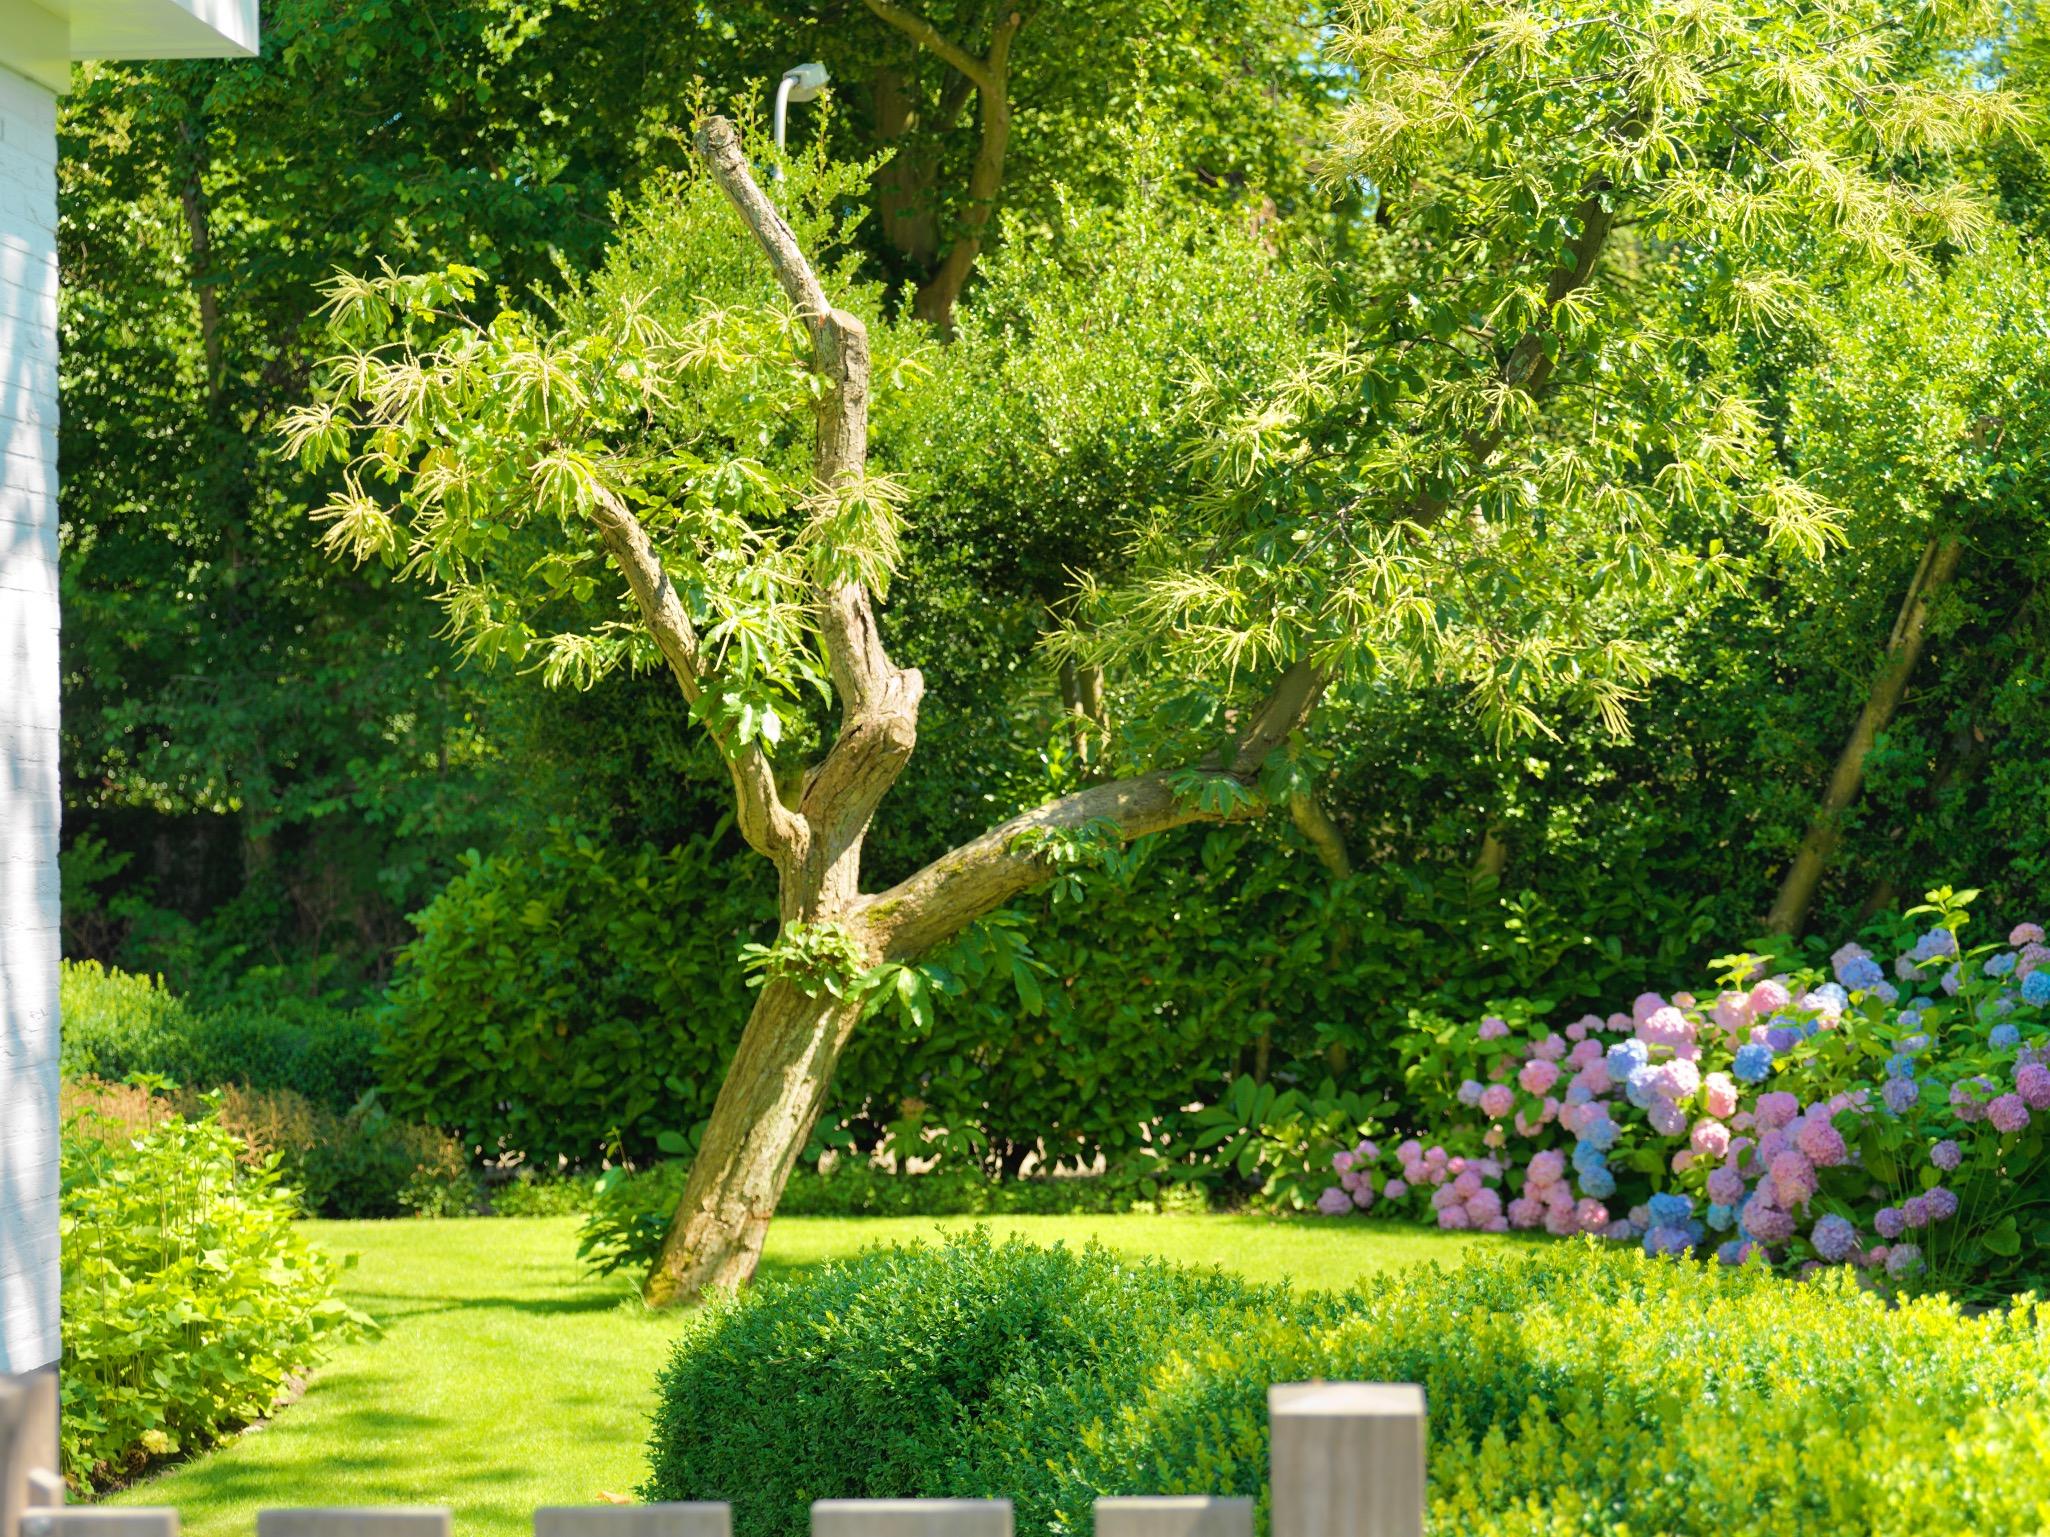 Geerlings tuinen Modern romantische tuin